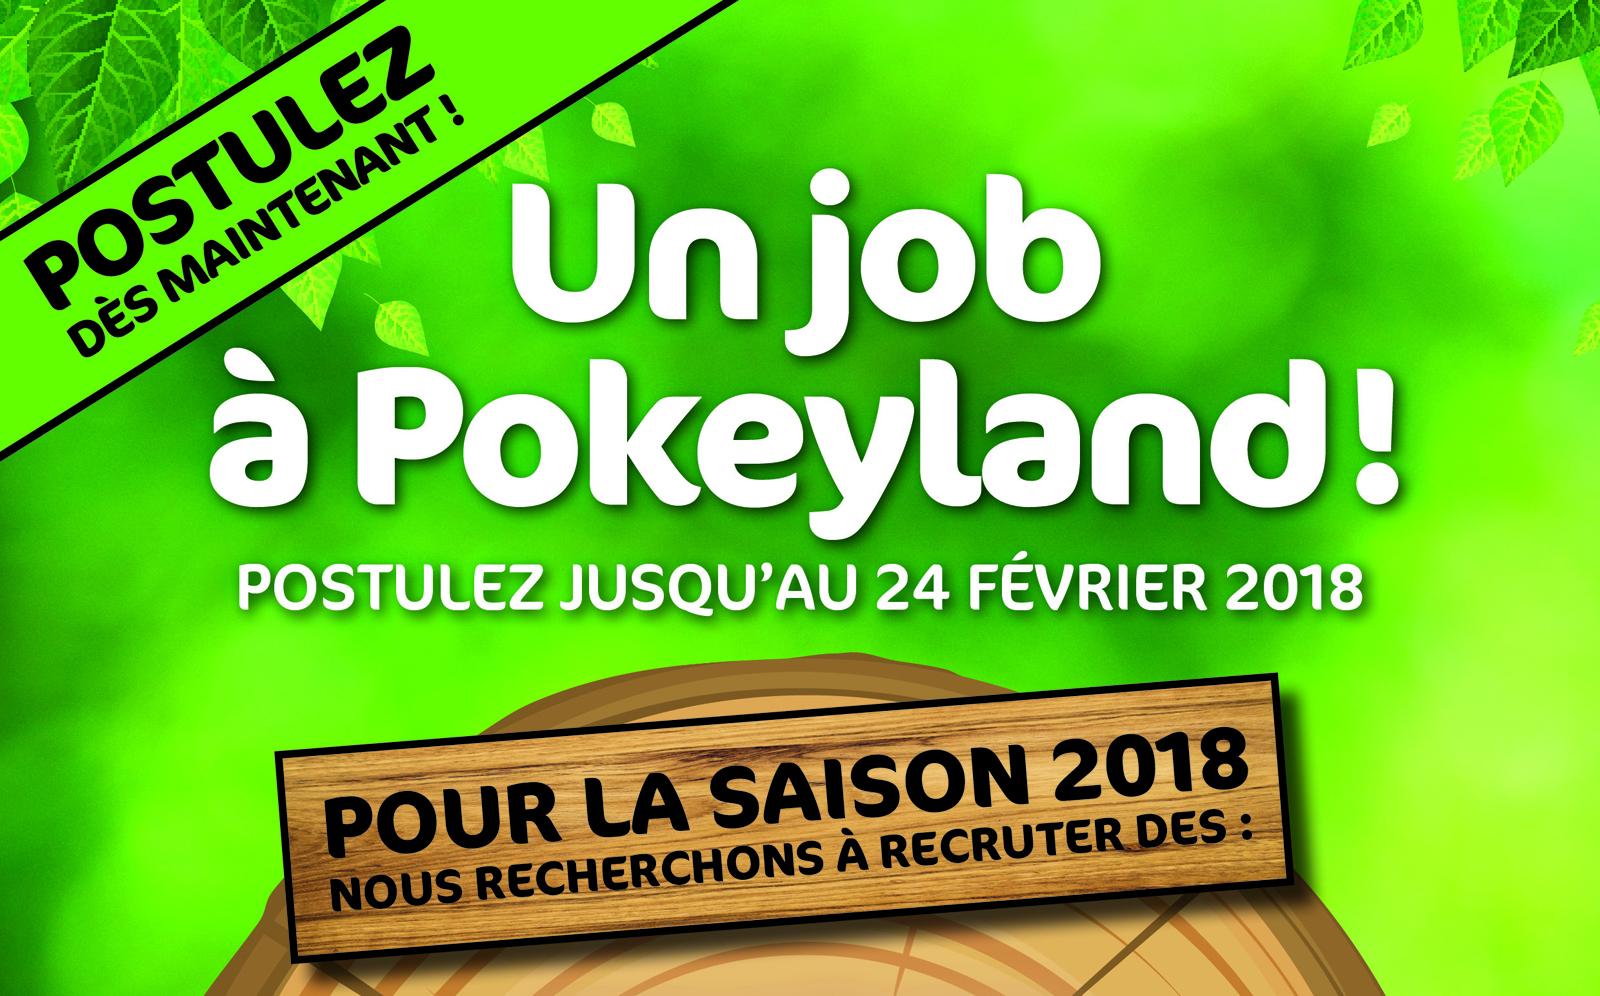 80 emplois à pourvoir au parc Pokeyland avant le 24 février 2018